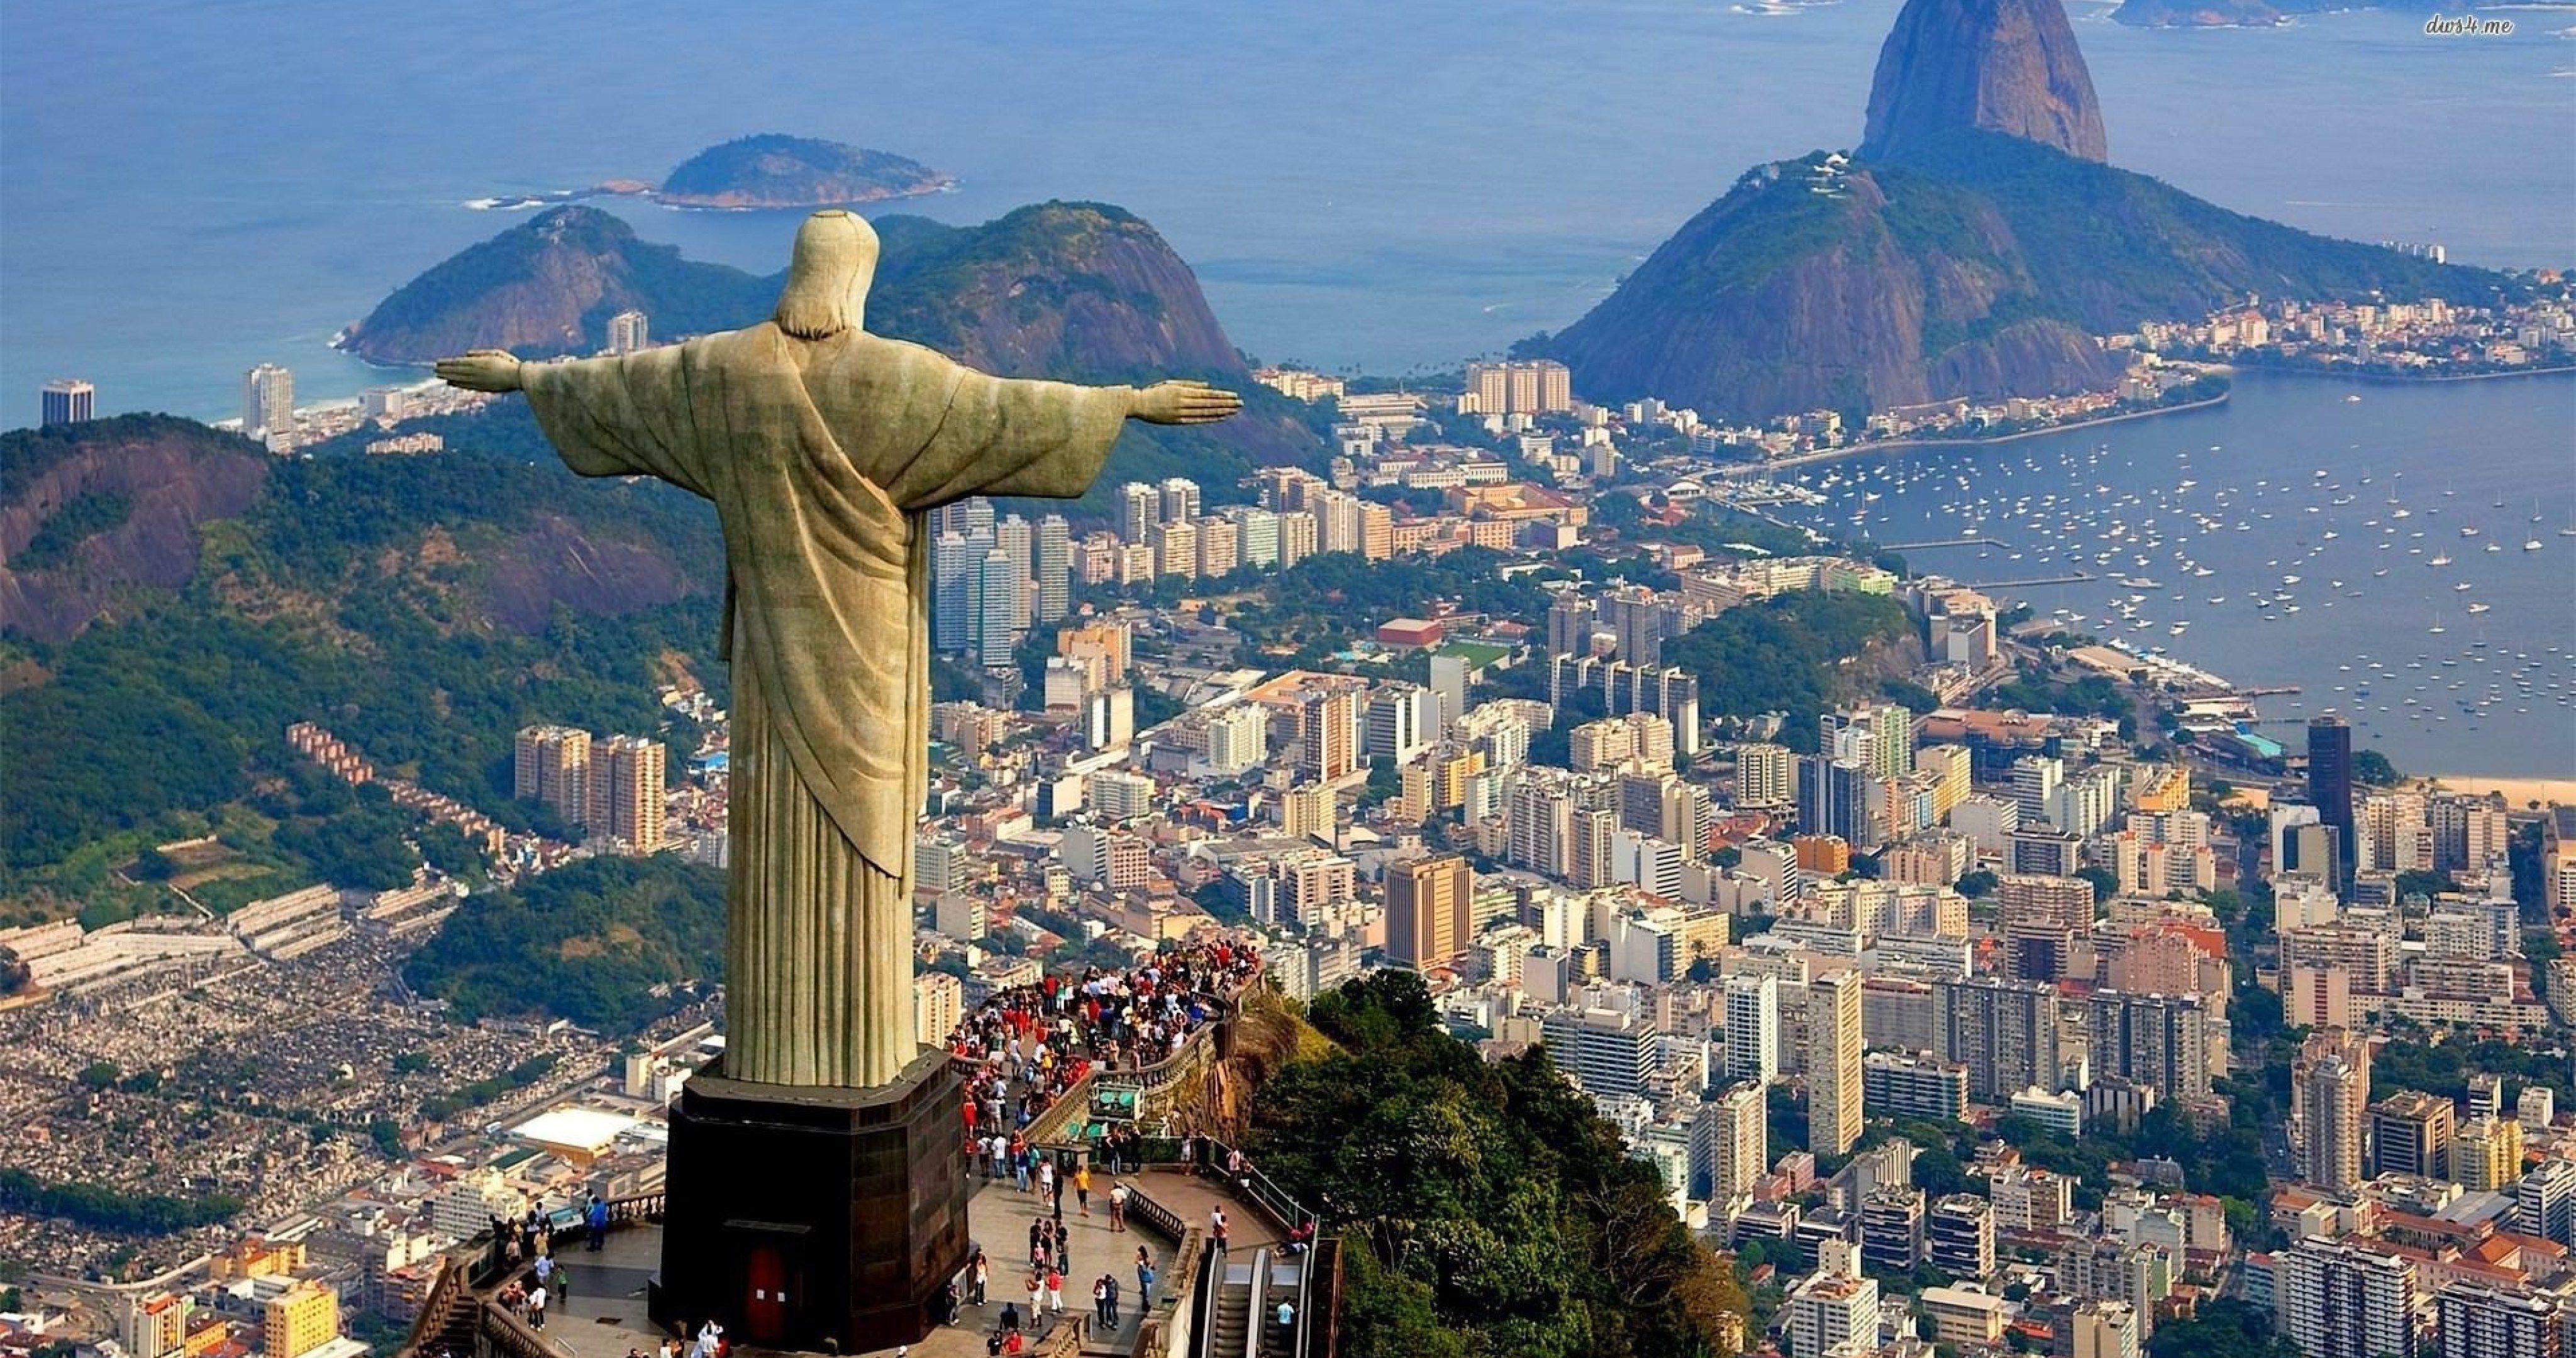 Rio De Janeiro Brazil Mountain 4k Ultra Hd Wallpaper Rio De